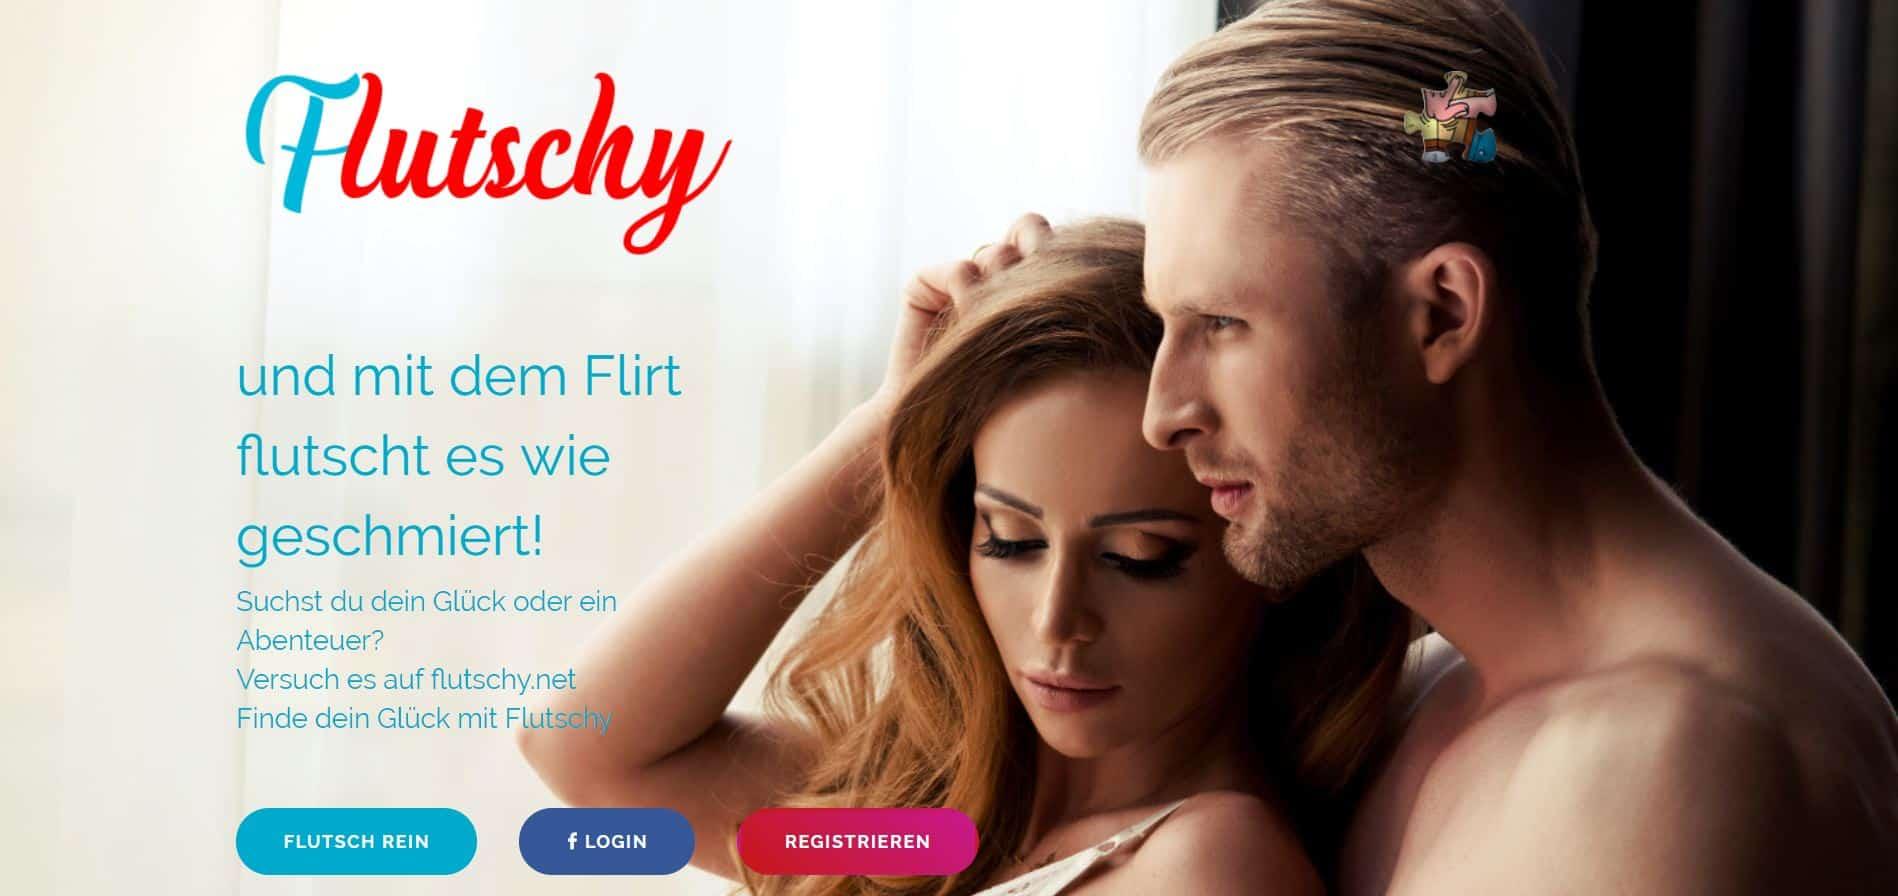 Testbericht: Flutschy.net